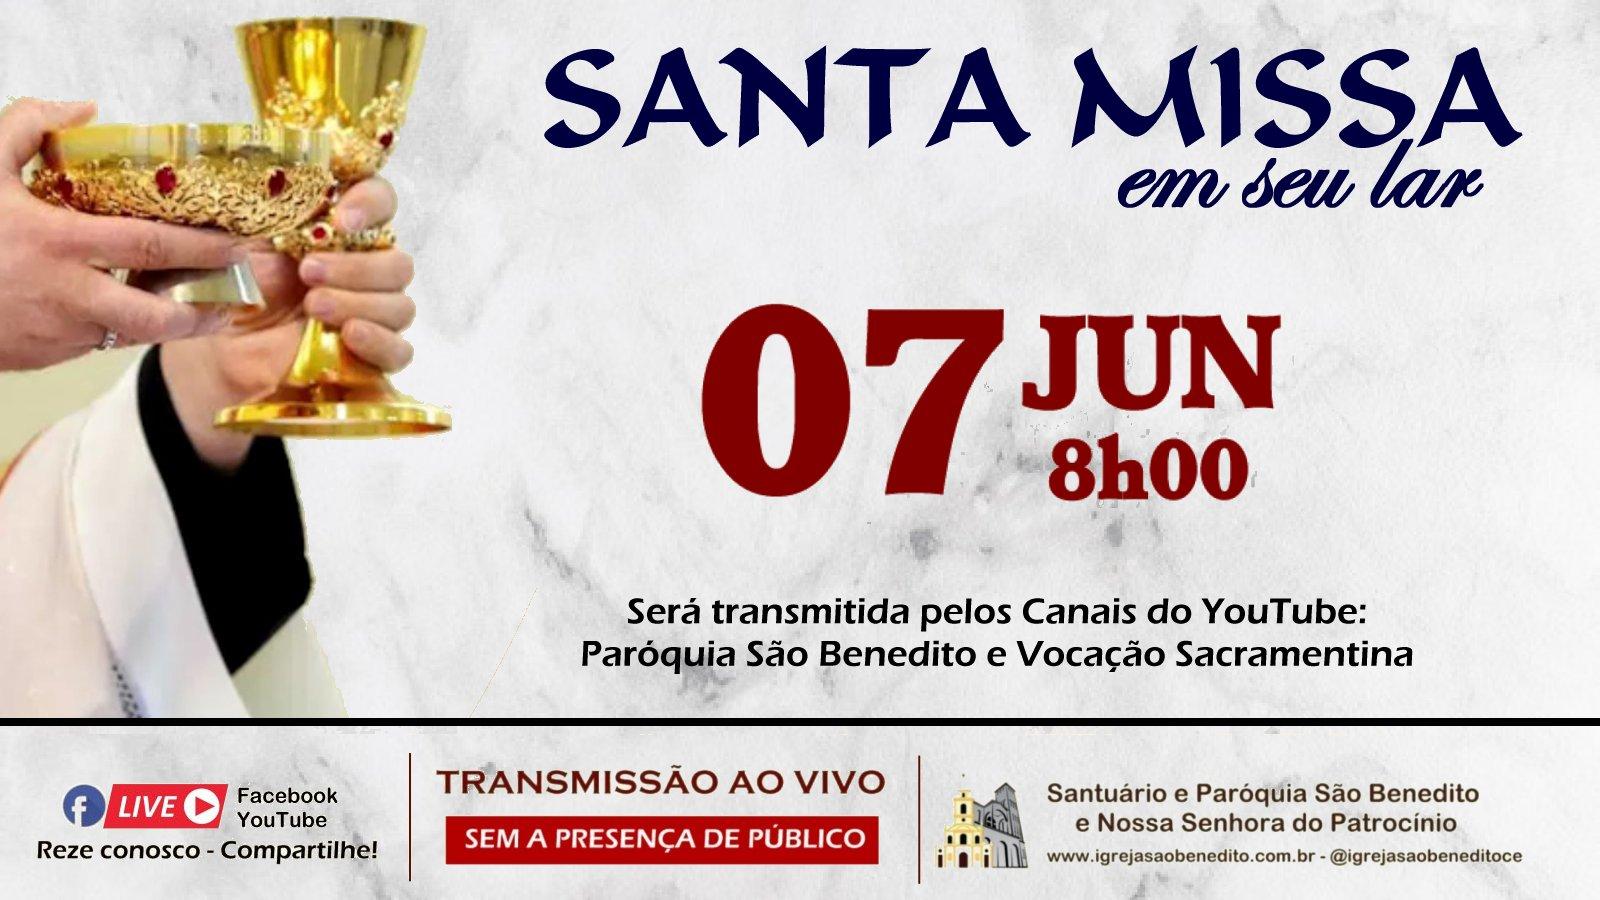 Santa Missa com transmissão ao vivo dia 07/06. Participe!